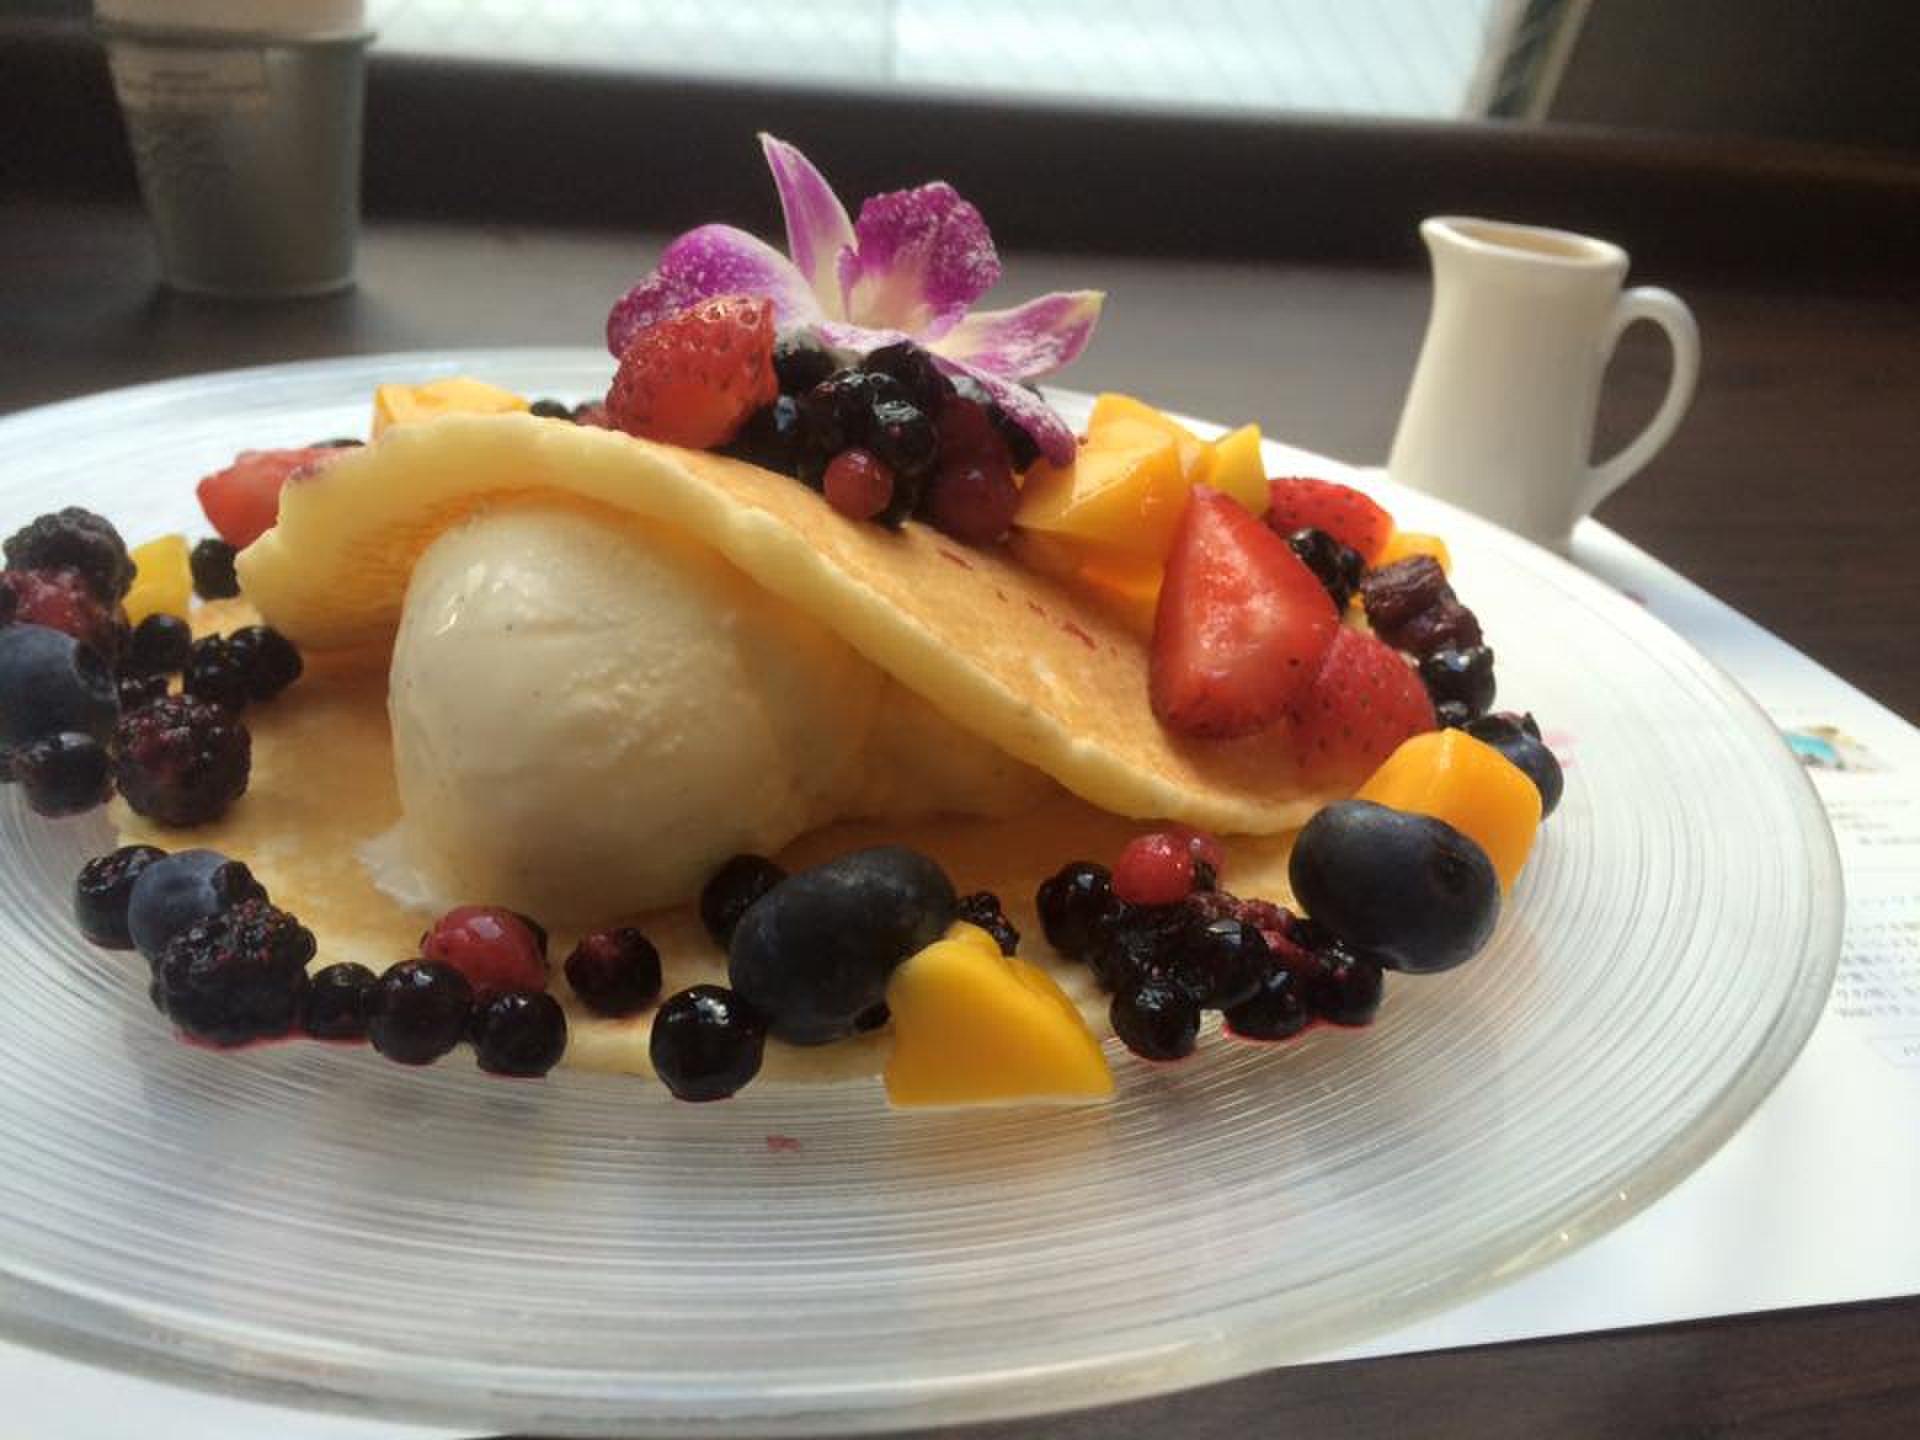 憧れのハワイウェディングVR体験を渋谷で。特製パンケーキがうますぎるリゾ婚カフェが期間限定オープン。